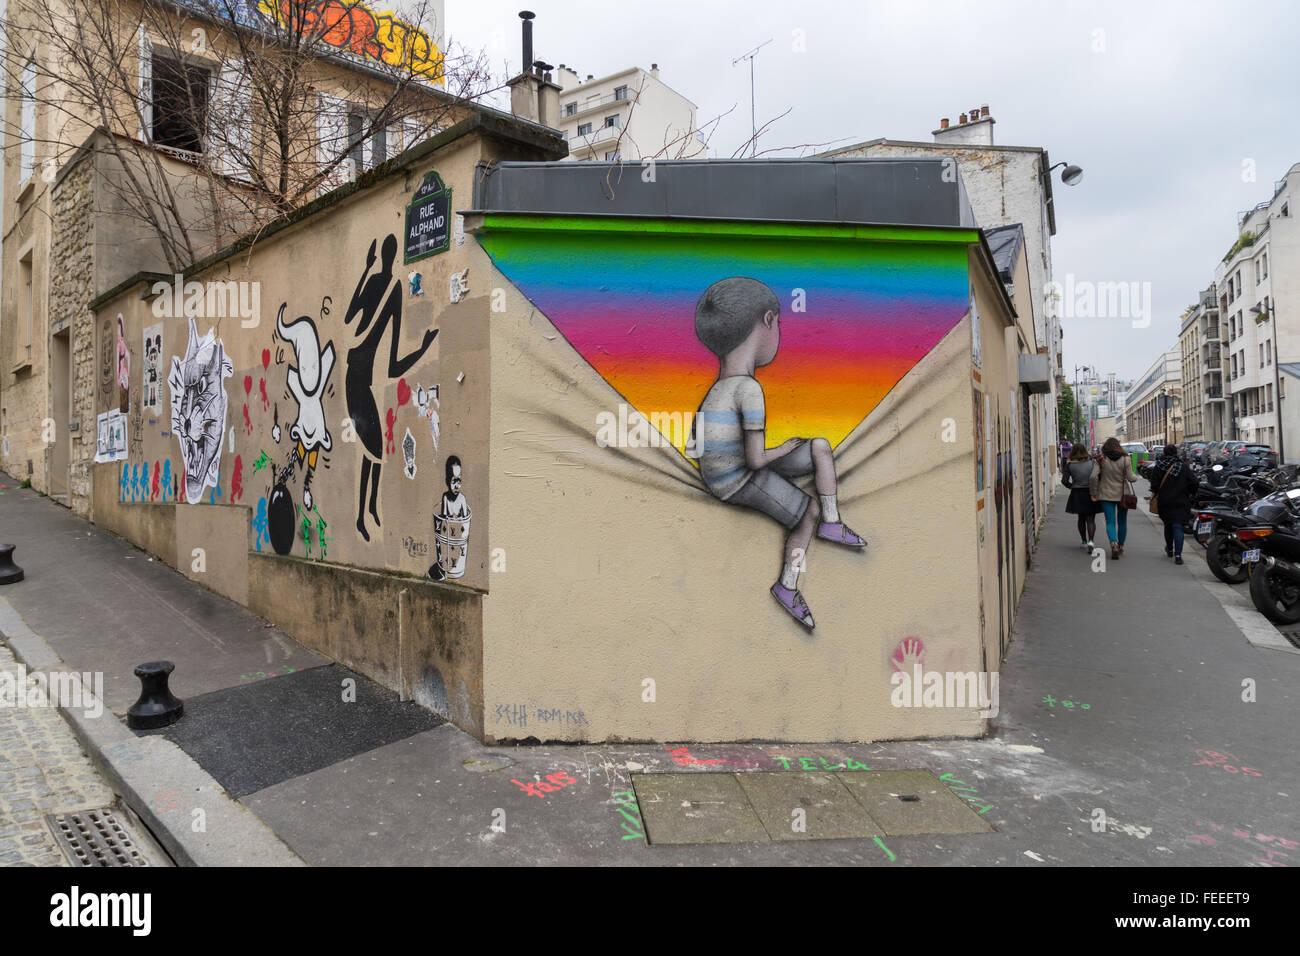 La Butte Aux Cailles Photos street art in la butte aux cailles, paris, france stock